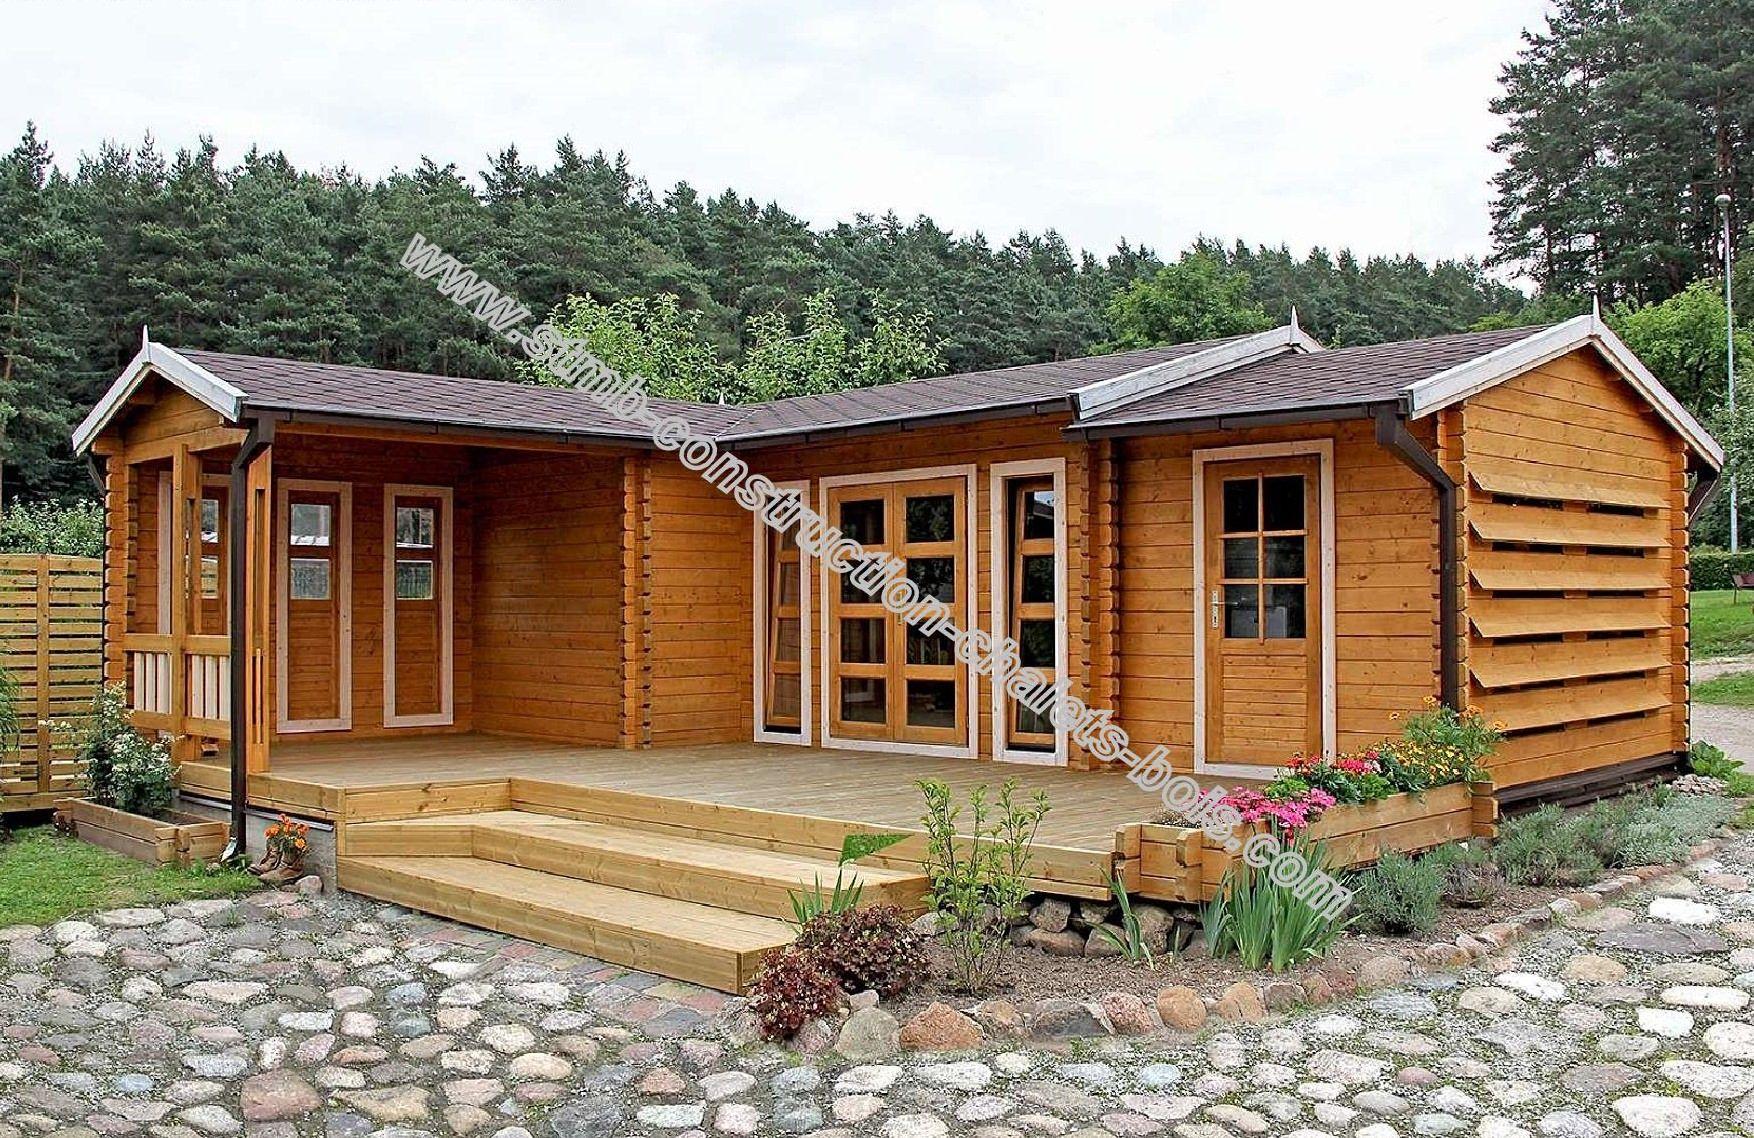 75 Impressionnant Image De Chalet Habitable 40M2 | Cabane ... tout Cabane De Jardin Habitable